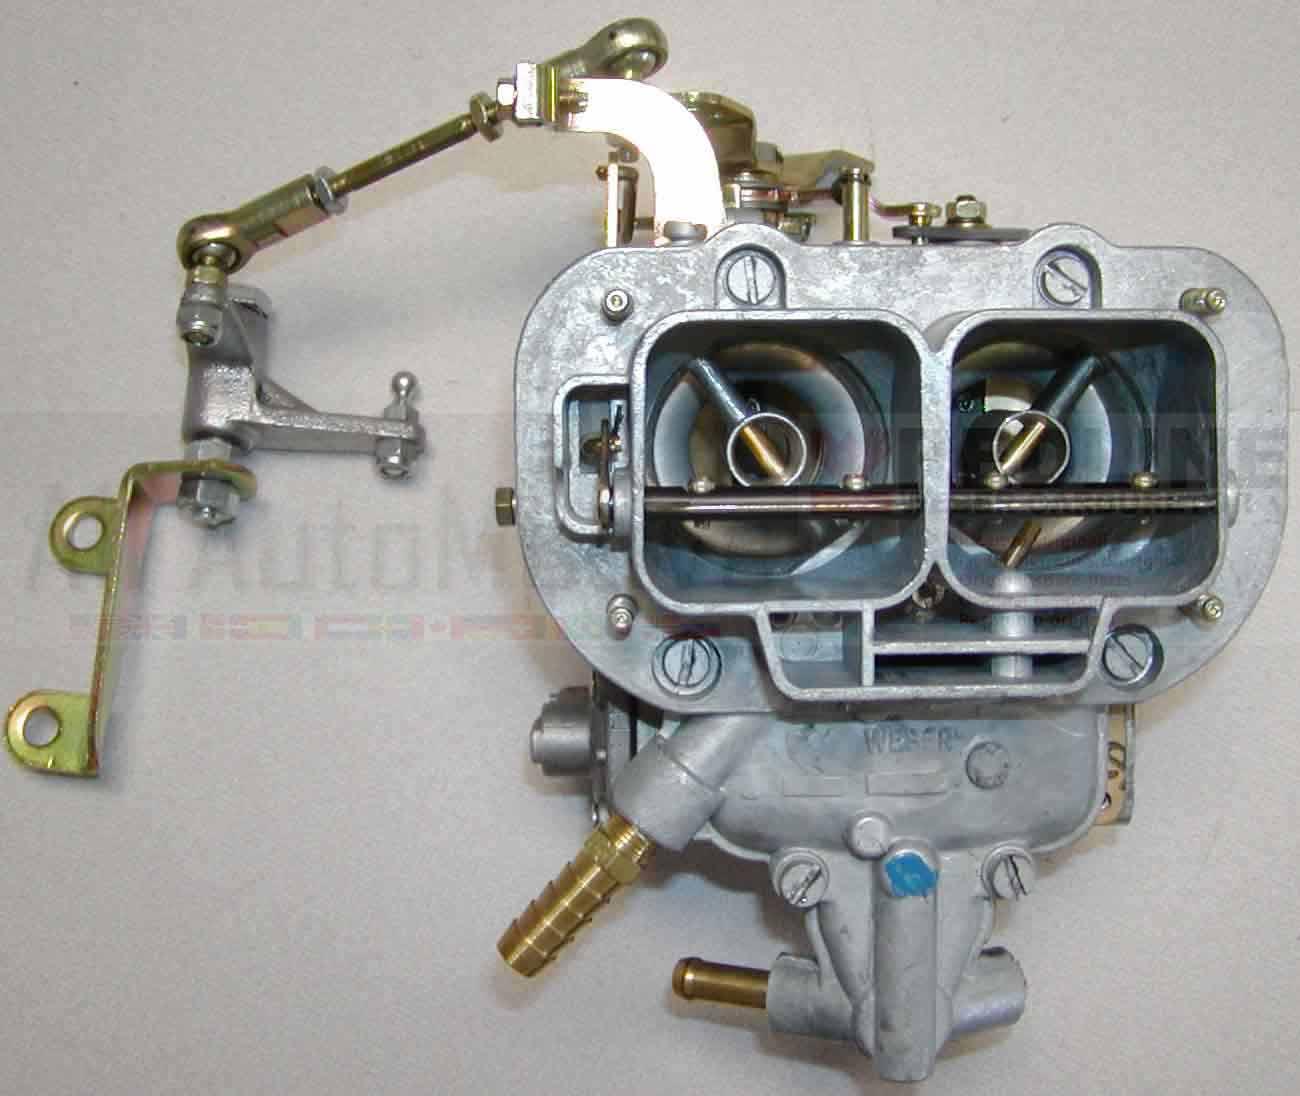 hight resolution of weber carburetor kit jeep wrangler amp cj7 4 2l 258 fits 1978